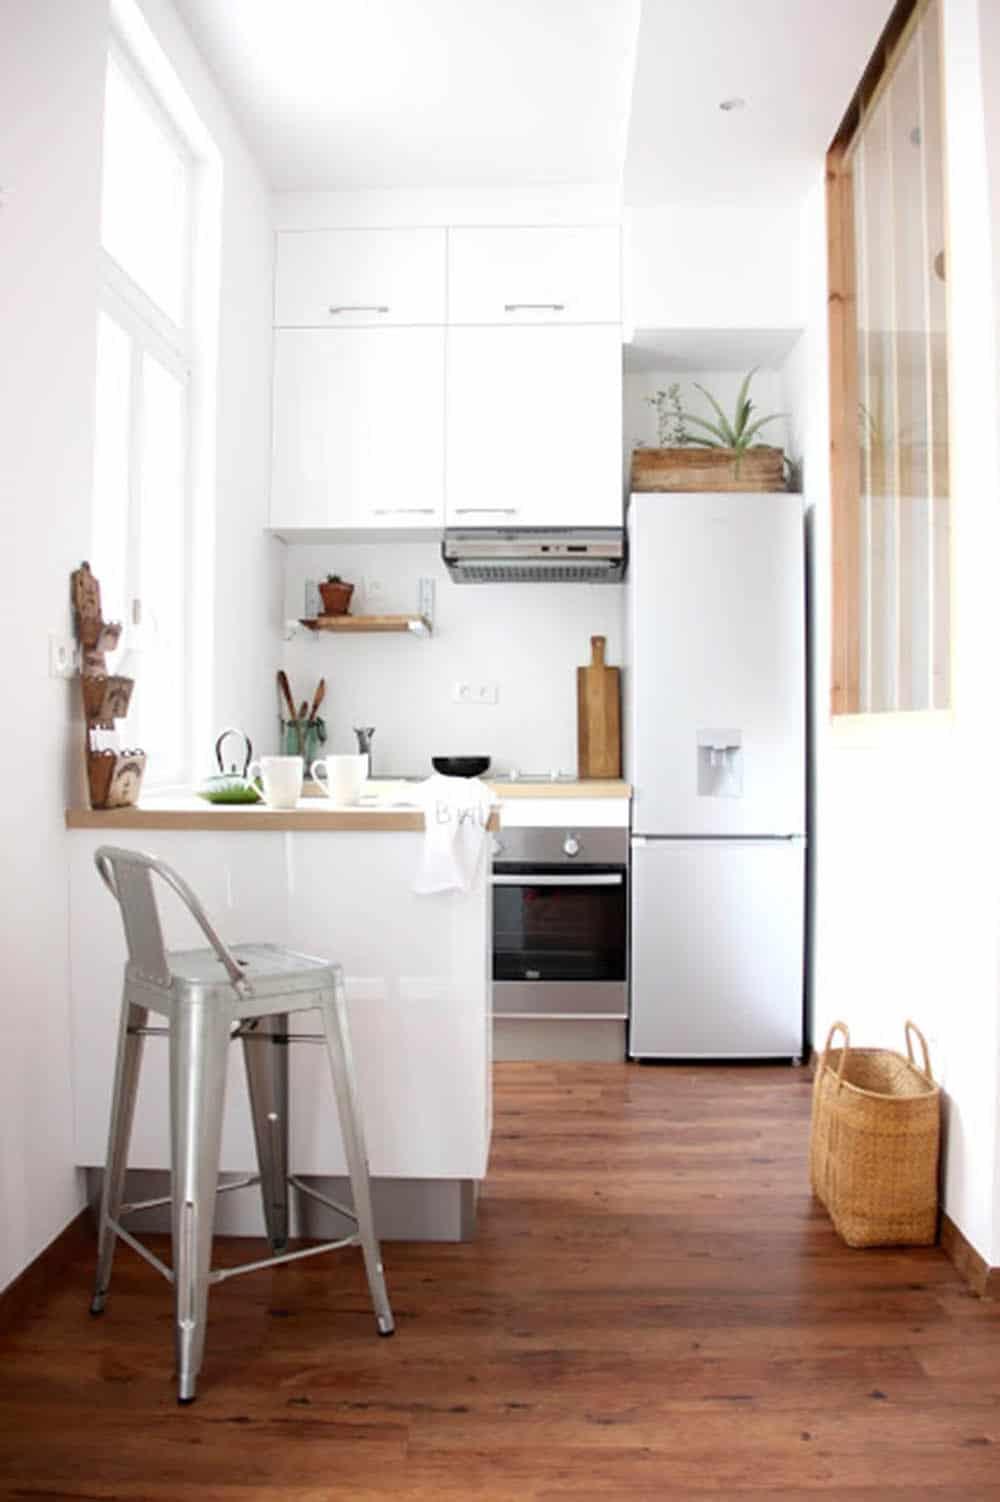 Thiết kế nội thất nhà chung cư 30m2 siêu tiện nghi